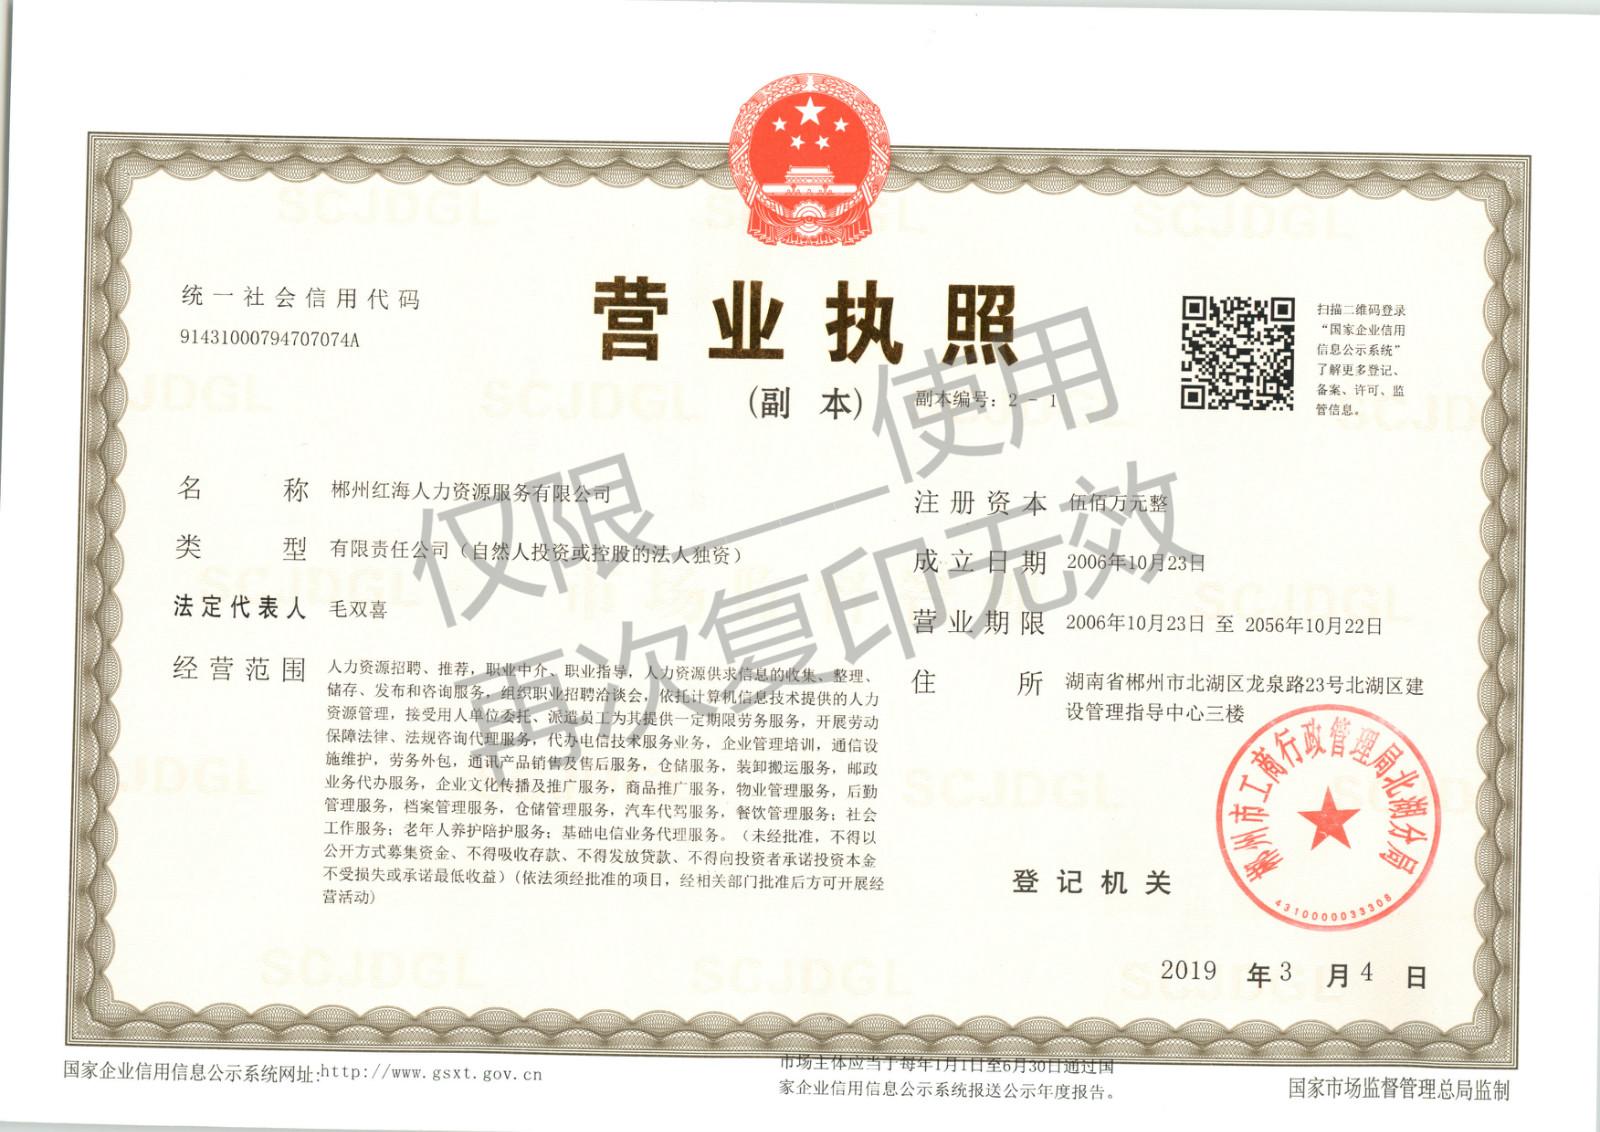 郴州红海人力资源服务有限公司